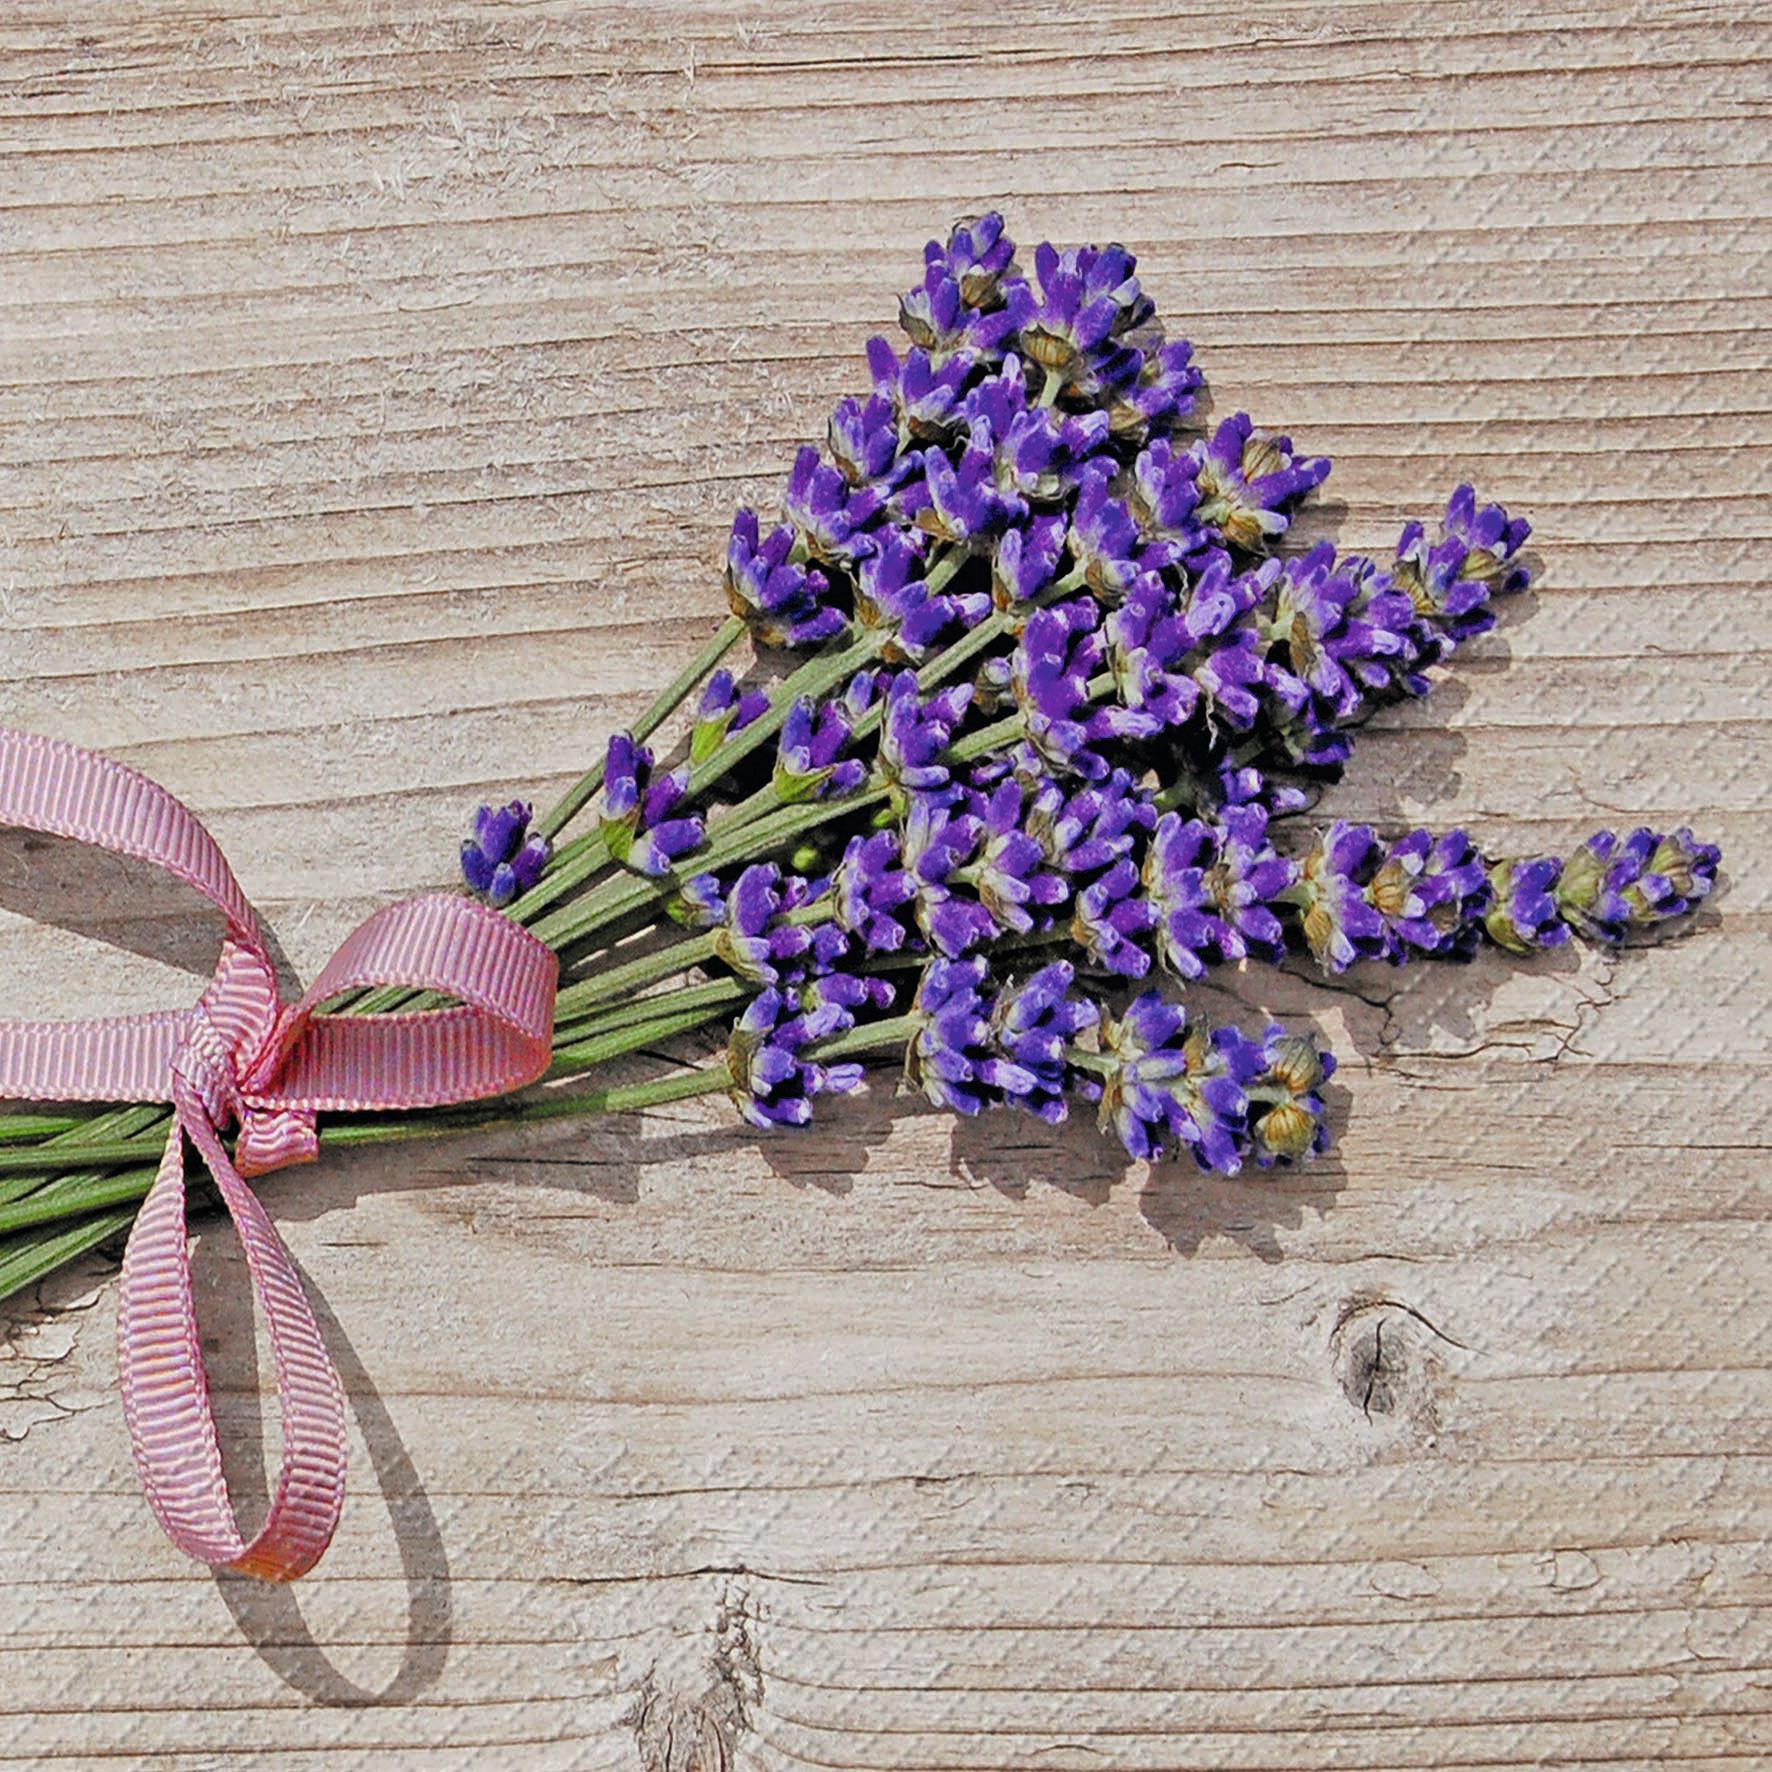 stewo AG,  Blumen - Lavendel,  Everyday,  lunchservietten,  Lavendel